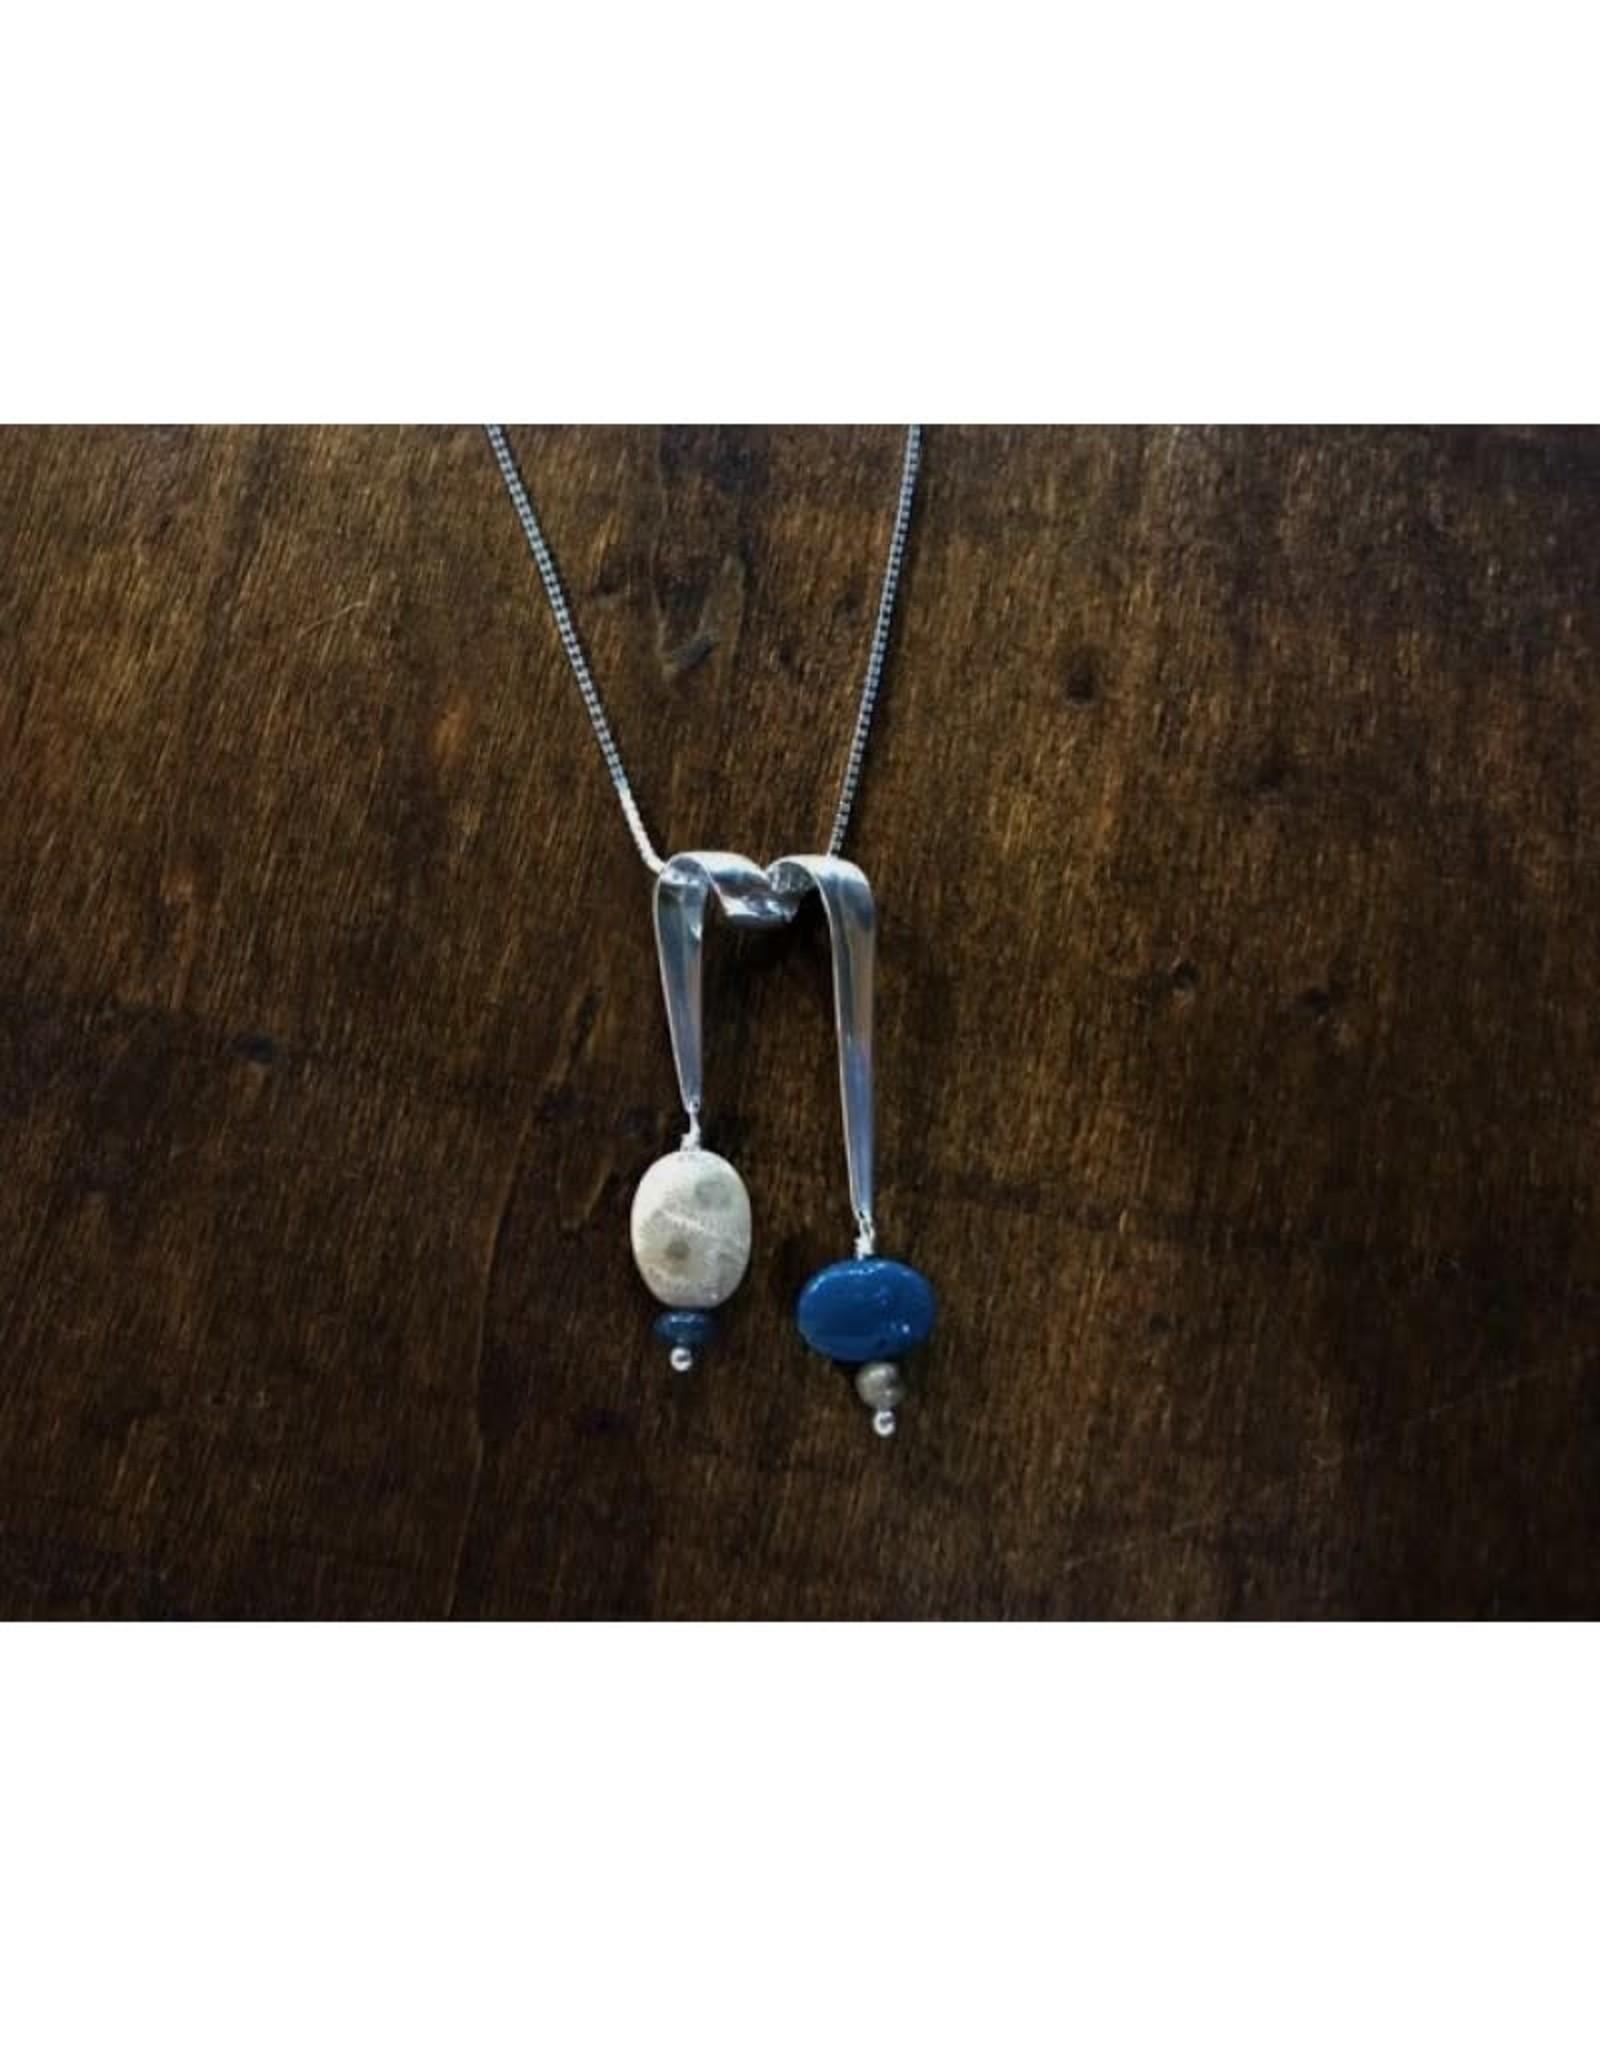 Ribbon Necklace Pendant - Petoskey & Leland Blue Stone